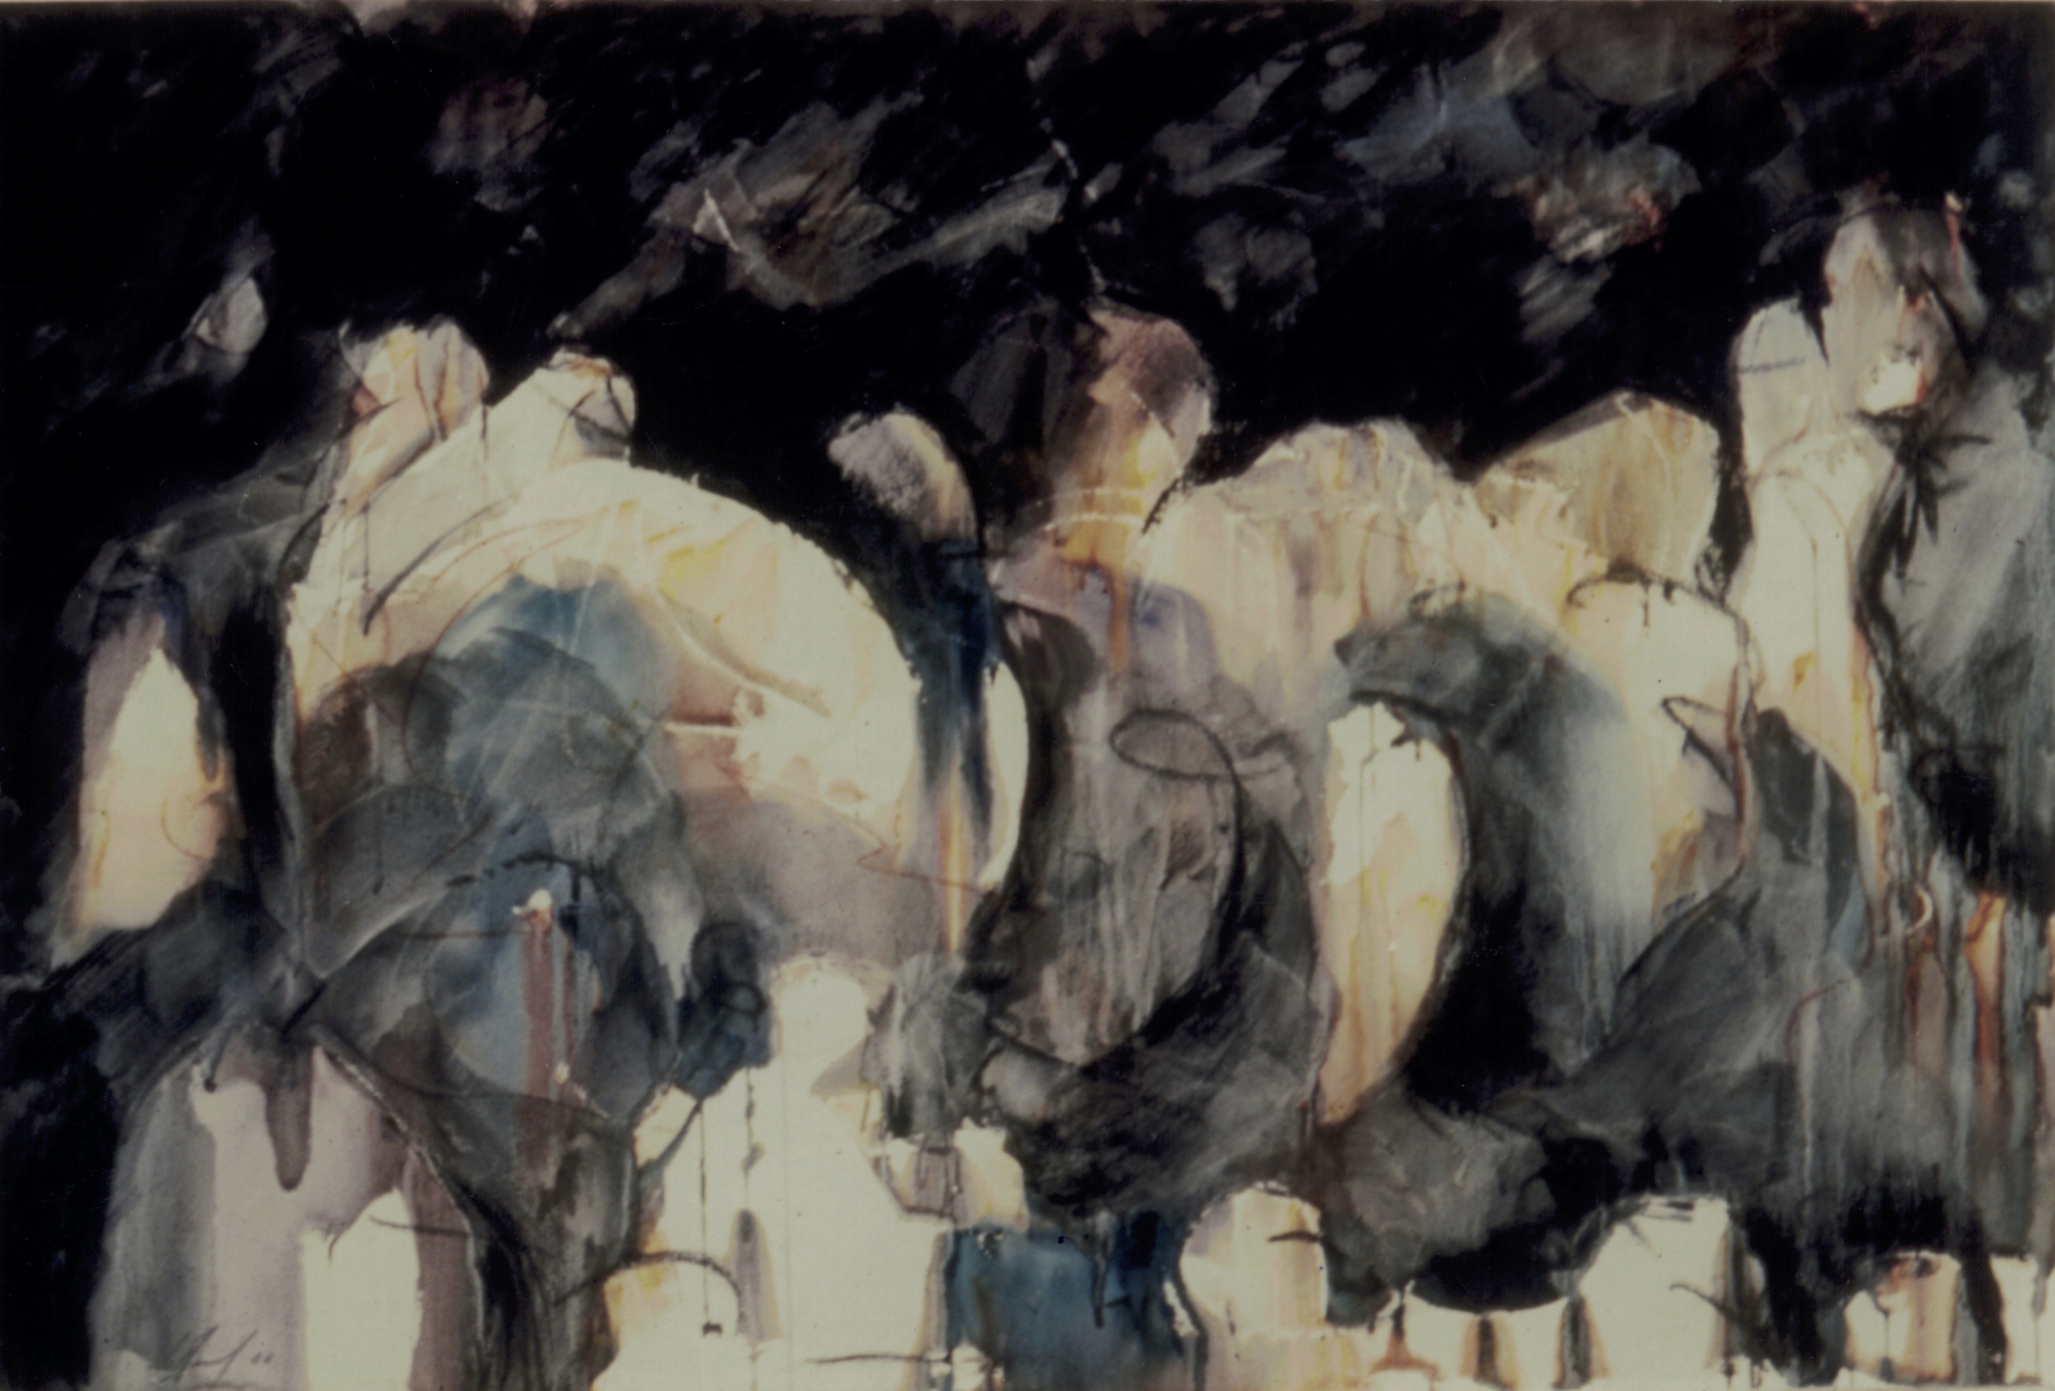 Rencontre de paix, 1986. Technique mixte sur papier, 82 x 125 cm.